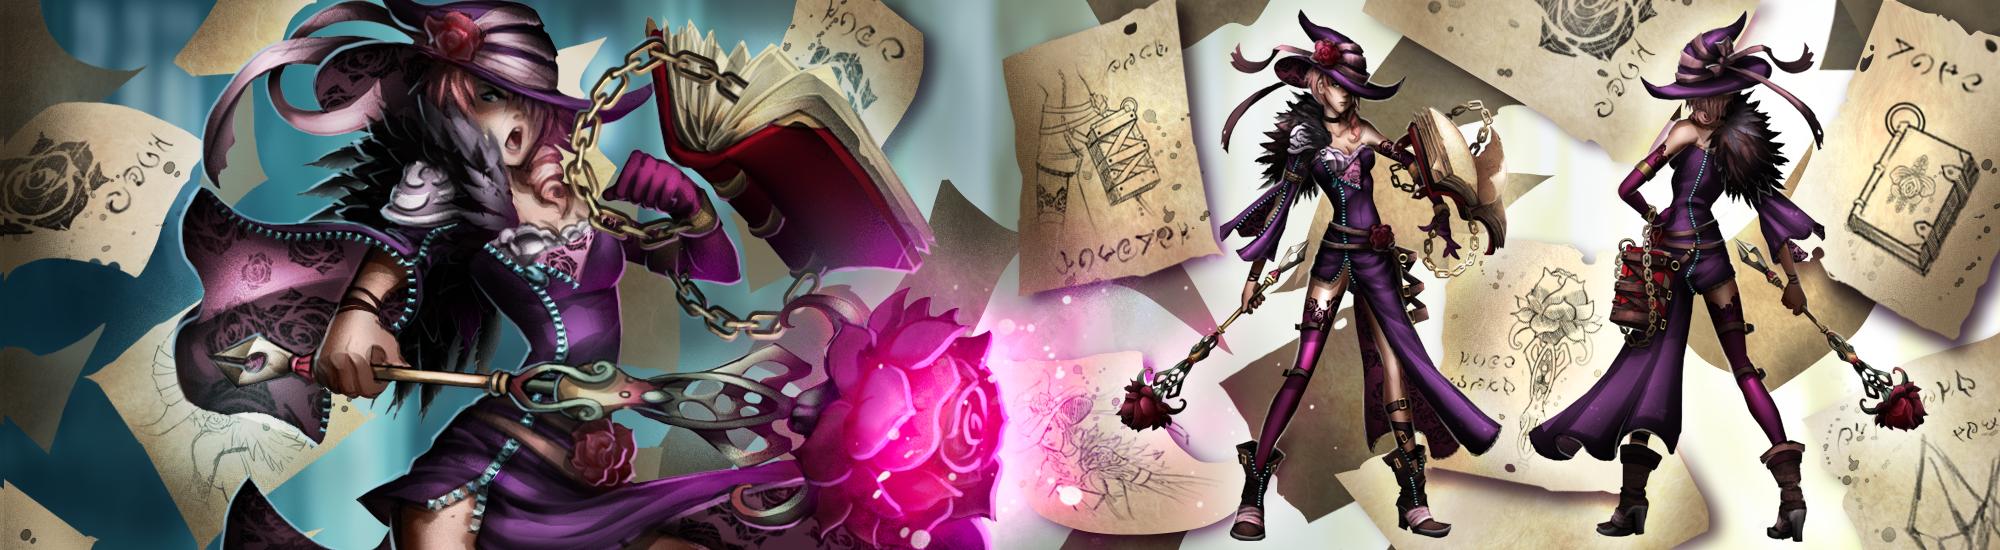 Violet Grimoire by Pechan